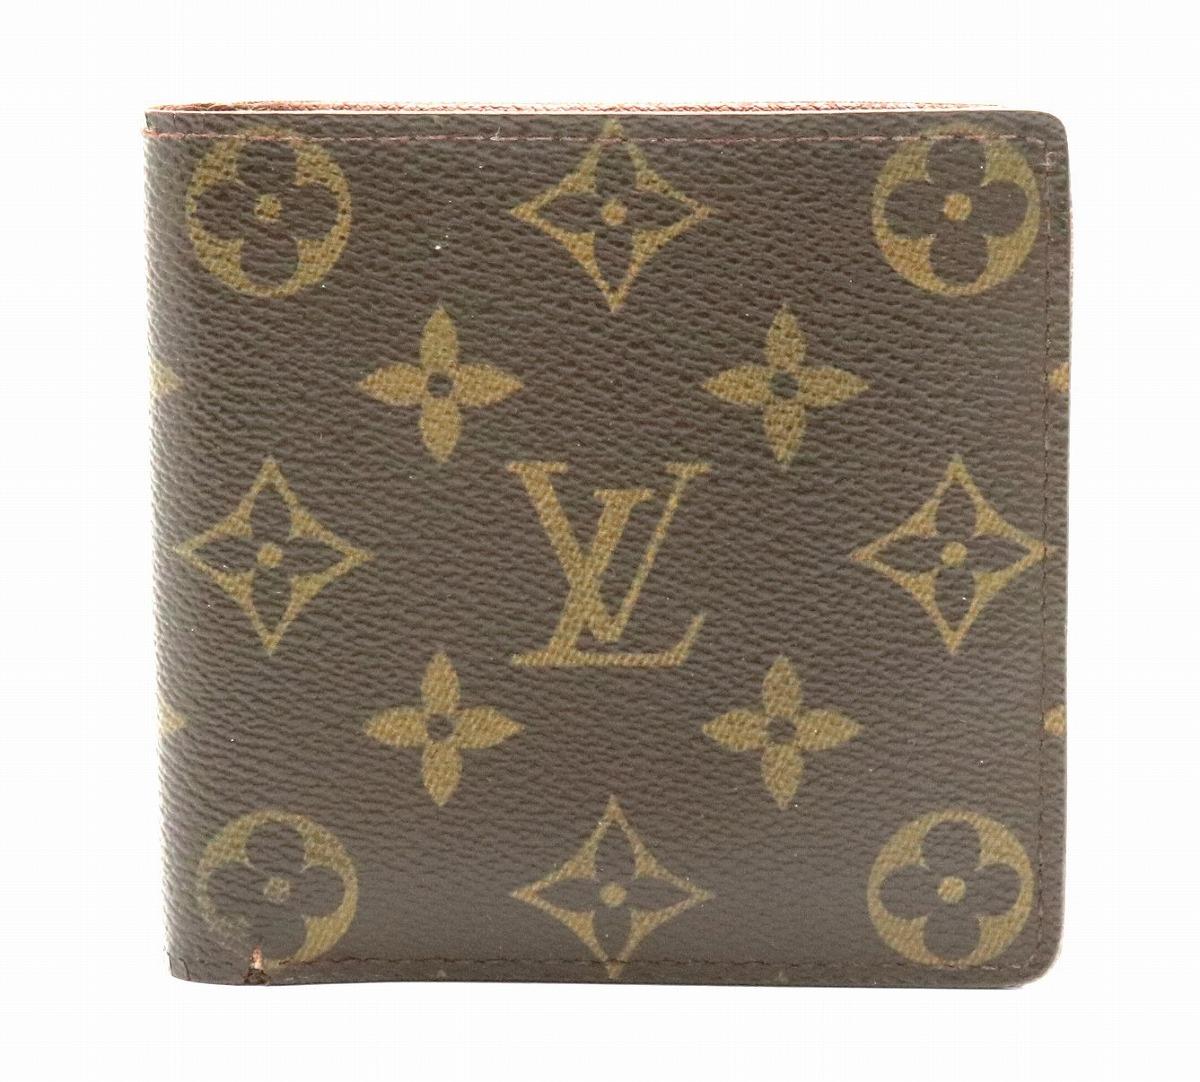 fd2d69217767 ... ブルーミン   blumin   セール   フランクミュラー   財布   LOUIS VUITTON ルイ ヴィトン モノグラム ポルト  ビエ カルト クレディ モネ 2つ折財布 M61665   k